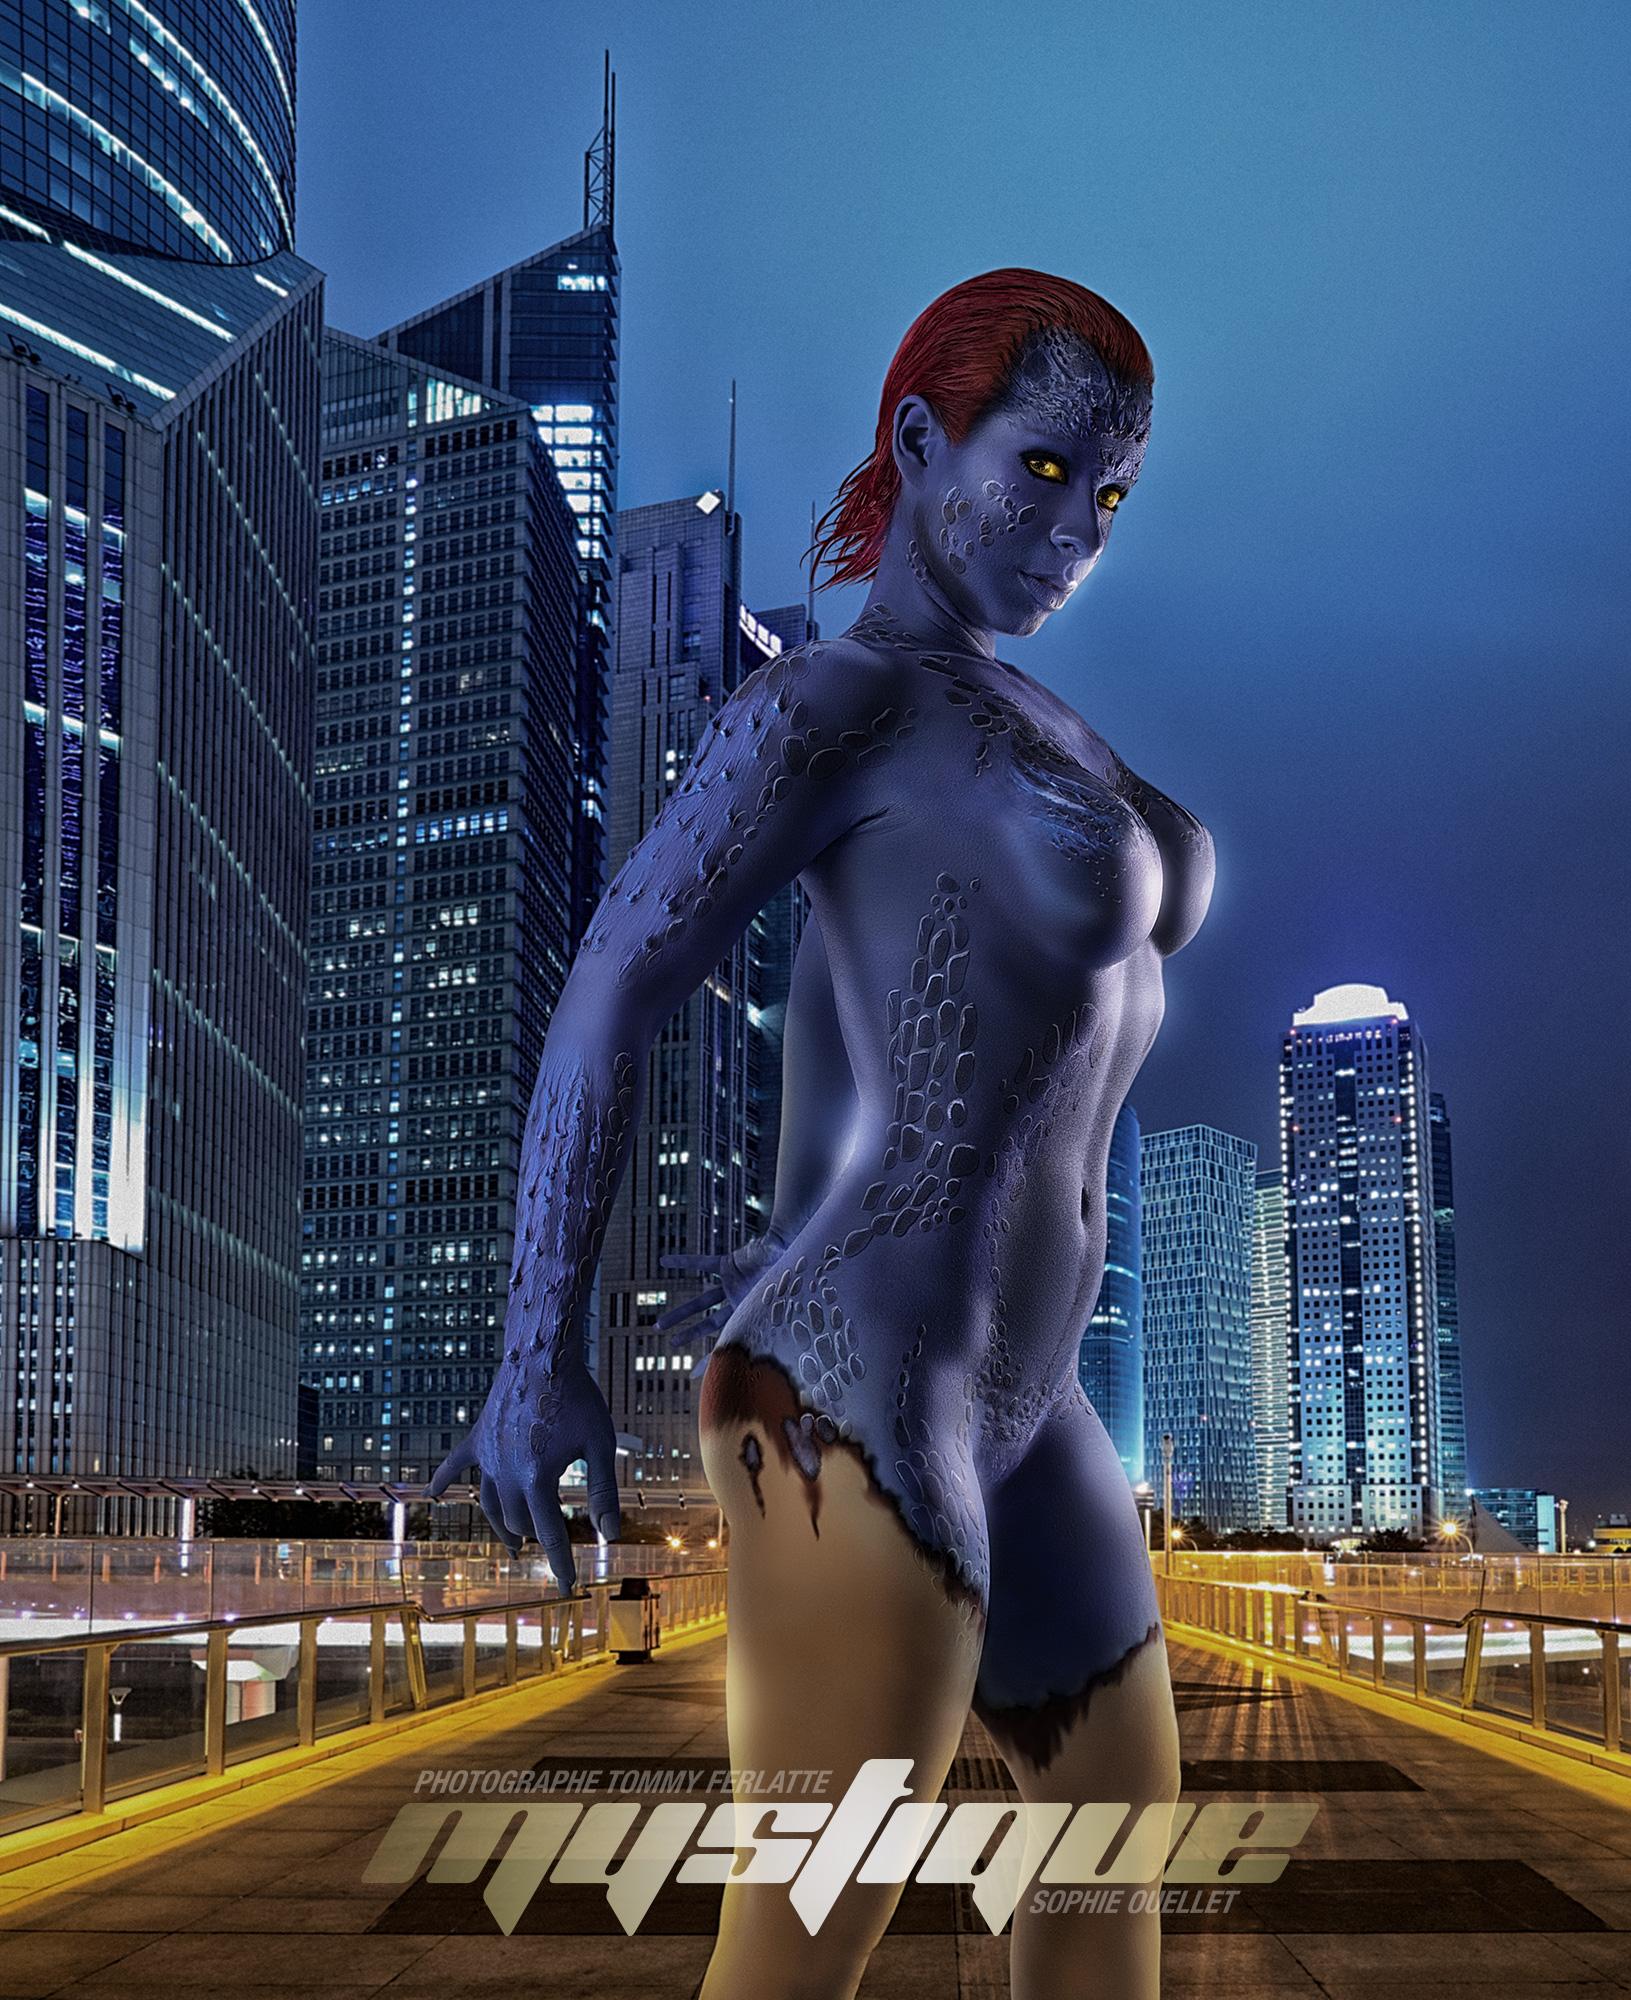 Mystique X-men cosplay bodypainting